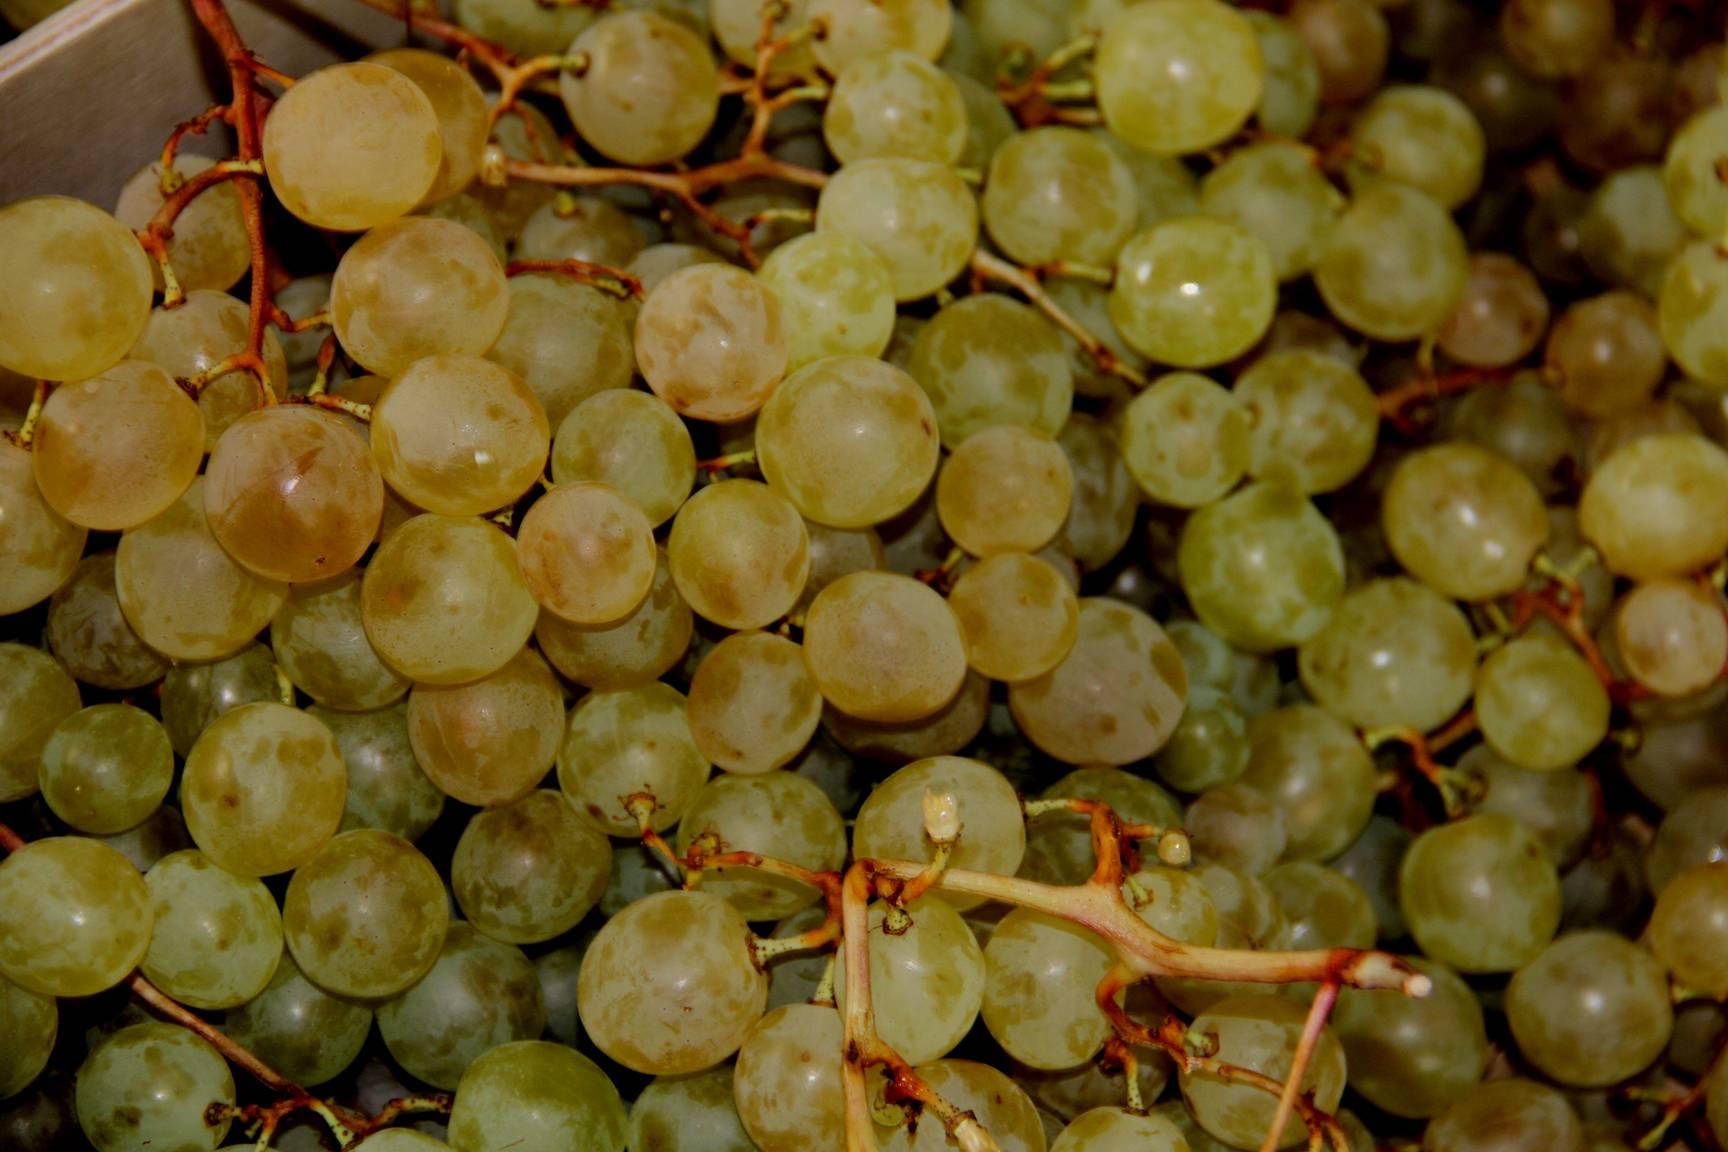 Bodegas y Viñedos VERUM celebra el Día Europeo del Enoturismo maridando sus vinos con platos típicos y chocolates